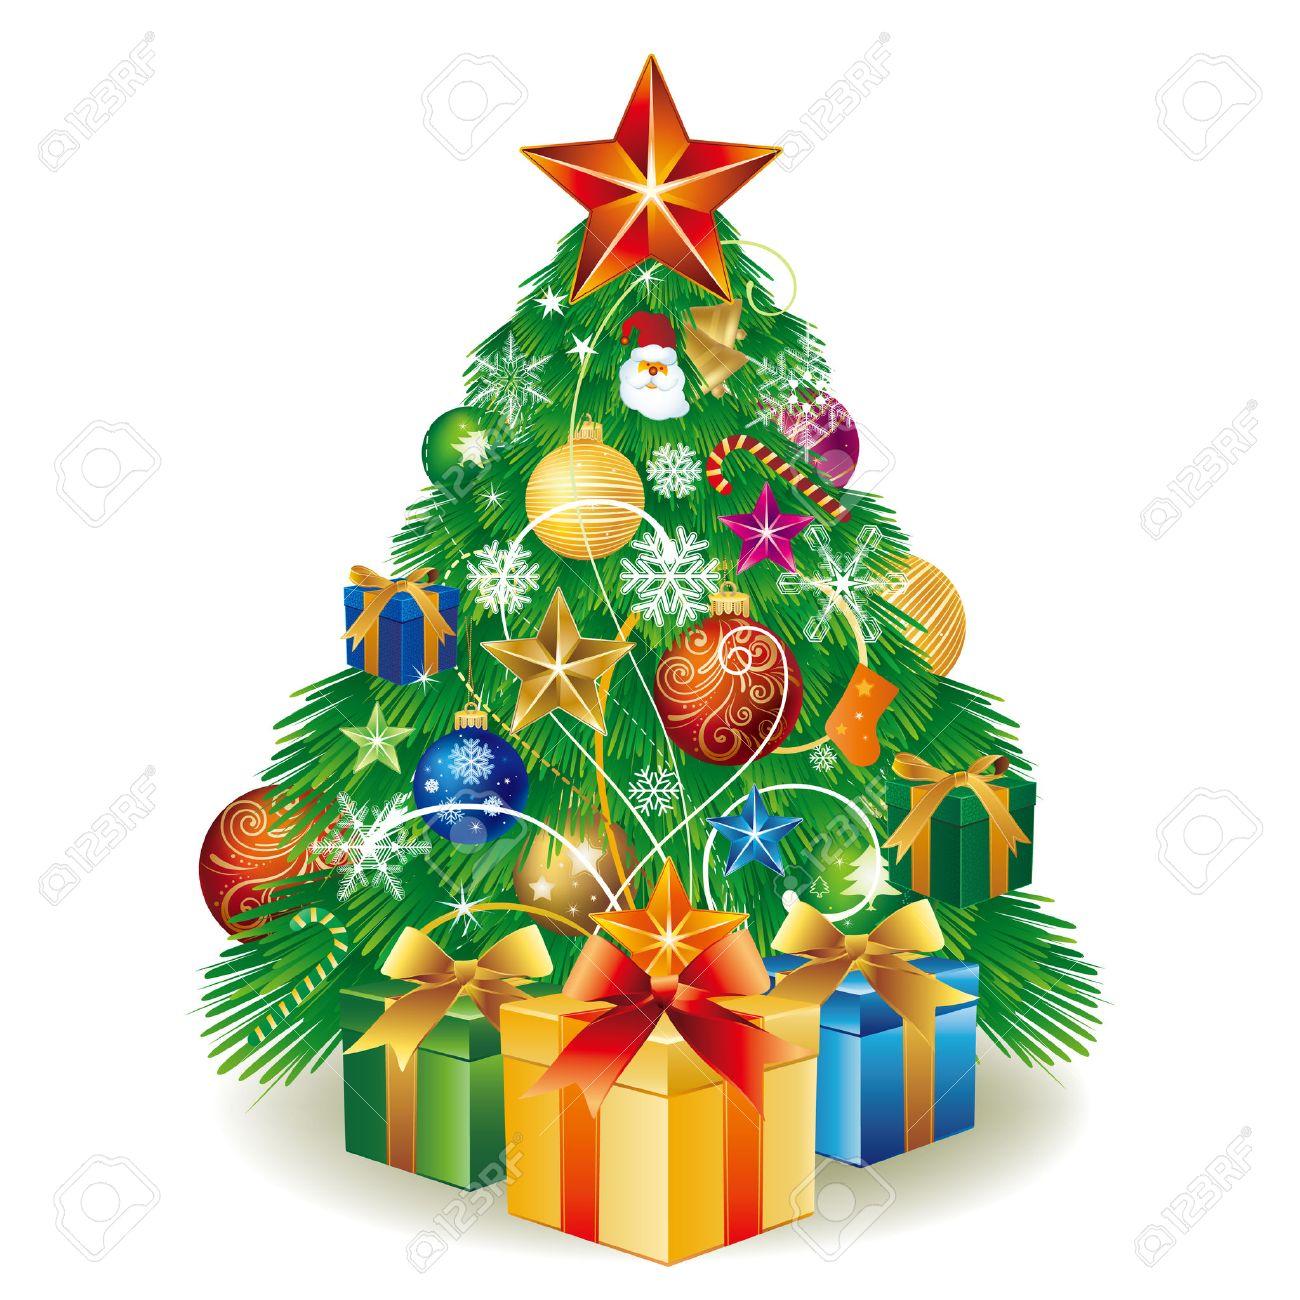 Abbildung Weihnachtsbaum Mit Geschenk-Box Und Bälle-Dekoration ...